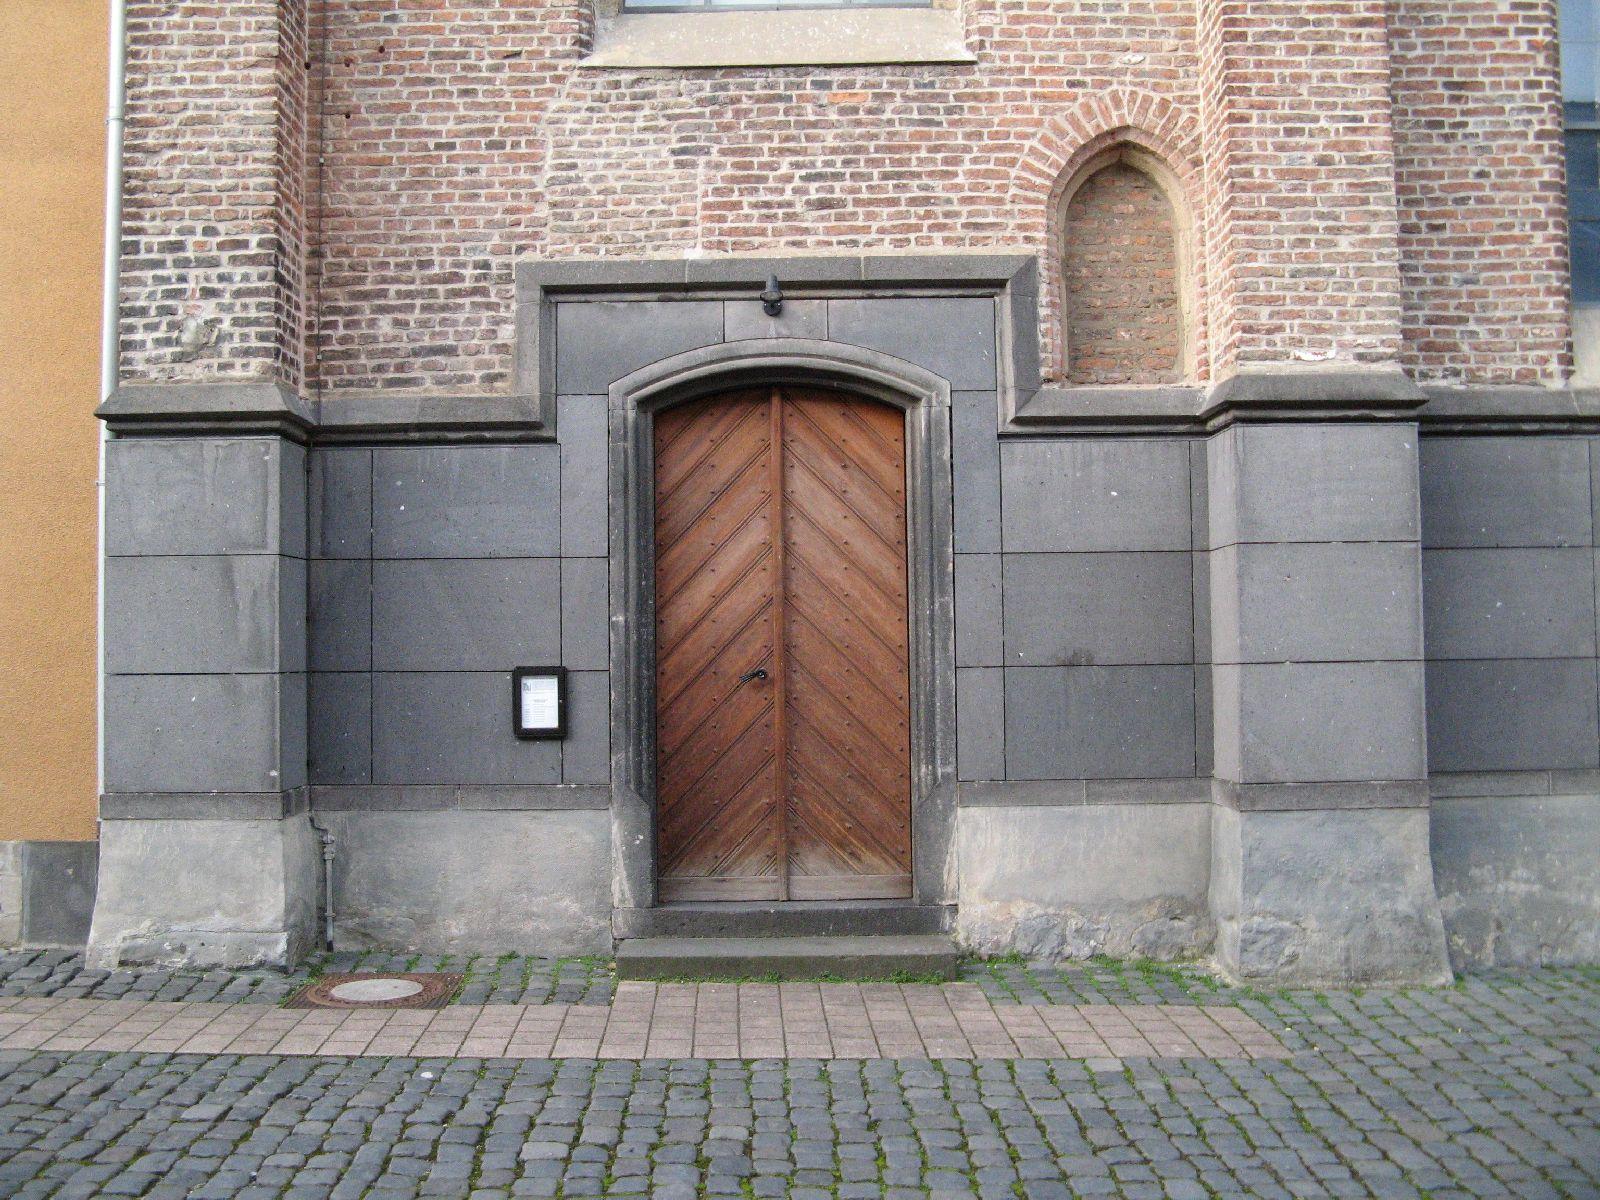 Gebaeude-Tueren-Fenster_Textur_B_03784